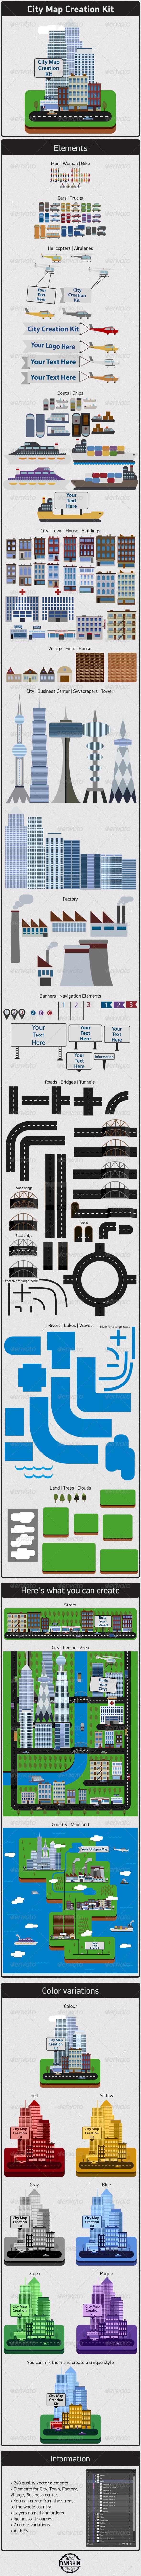 City Map Creation Kit - Miscellaneous Vectors